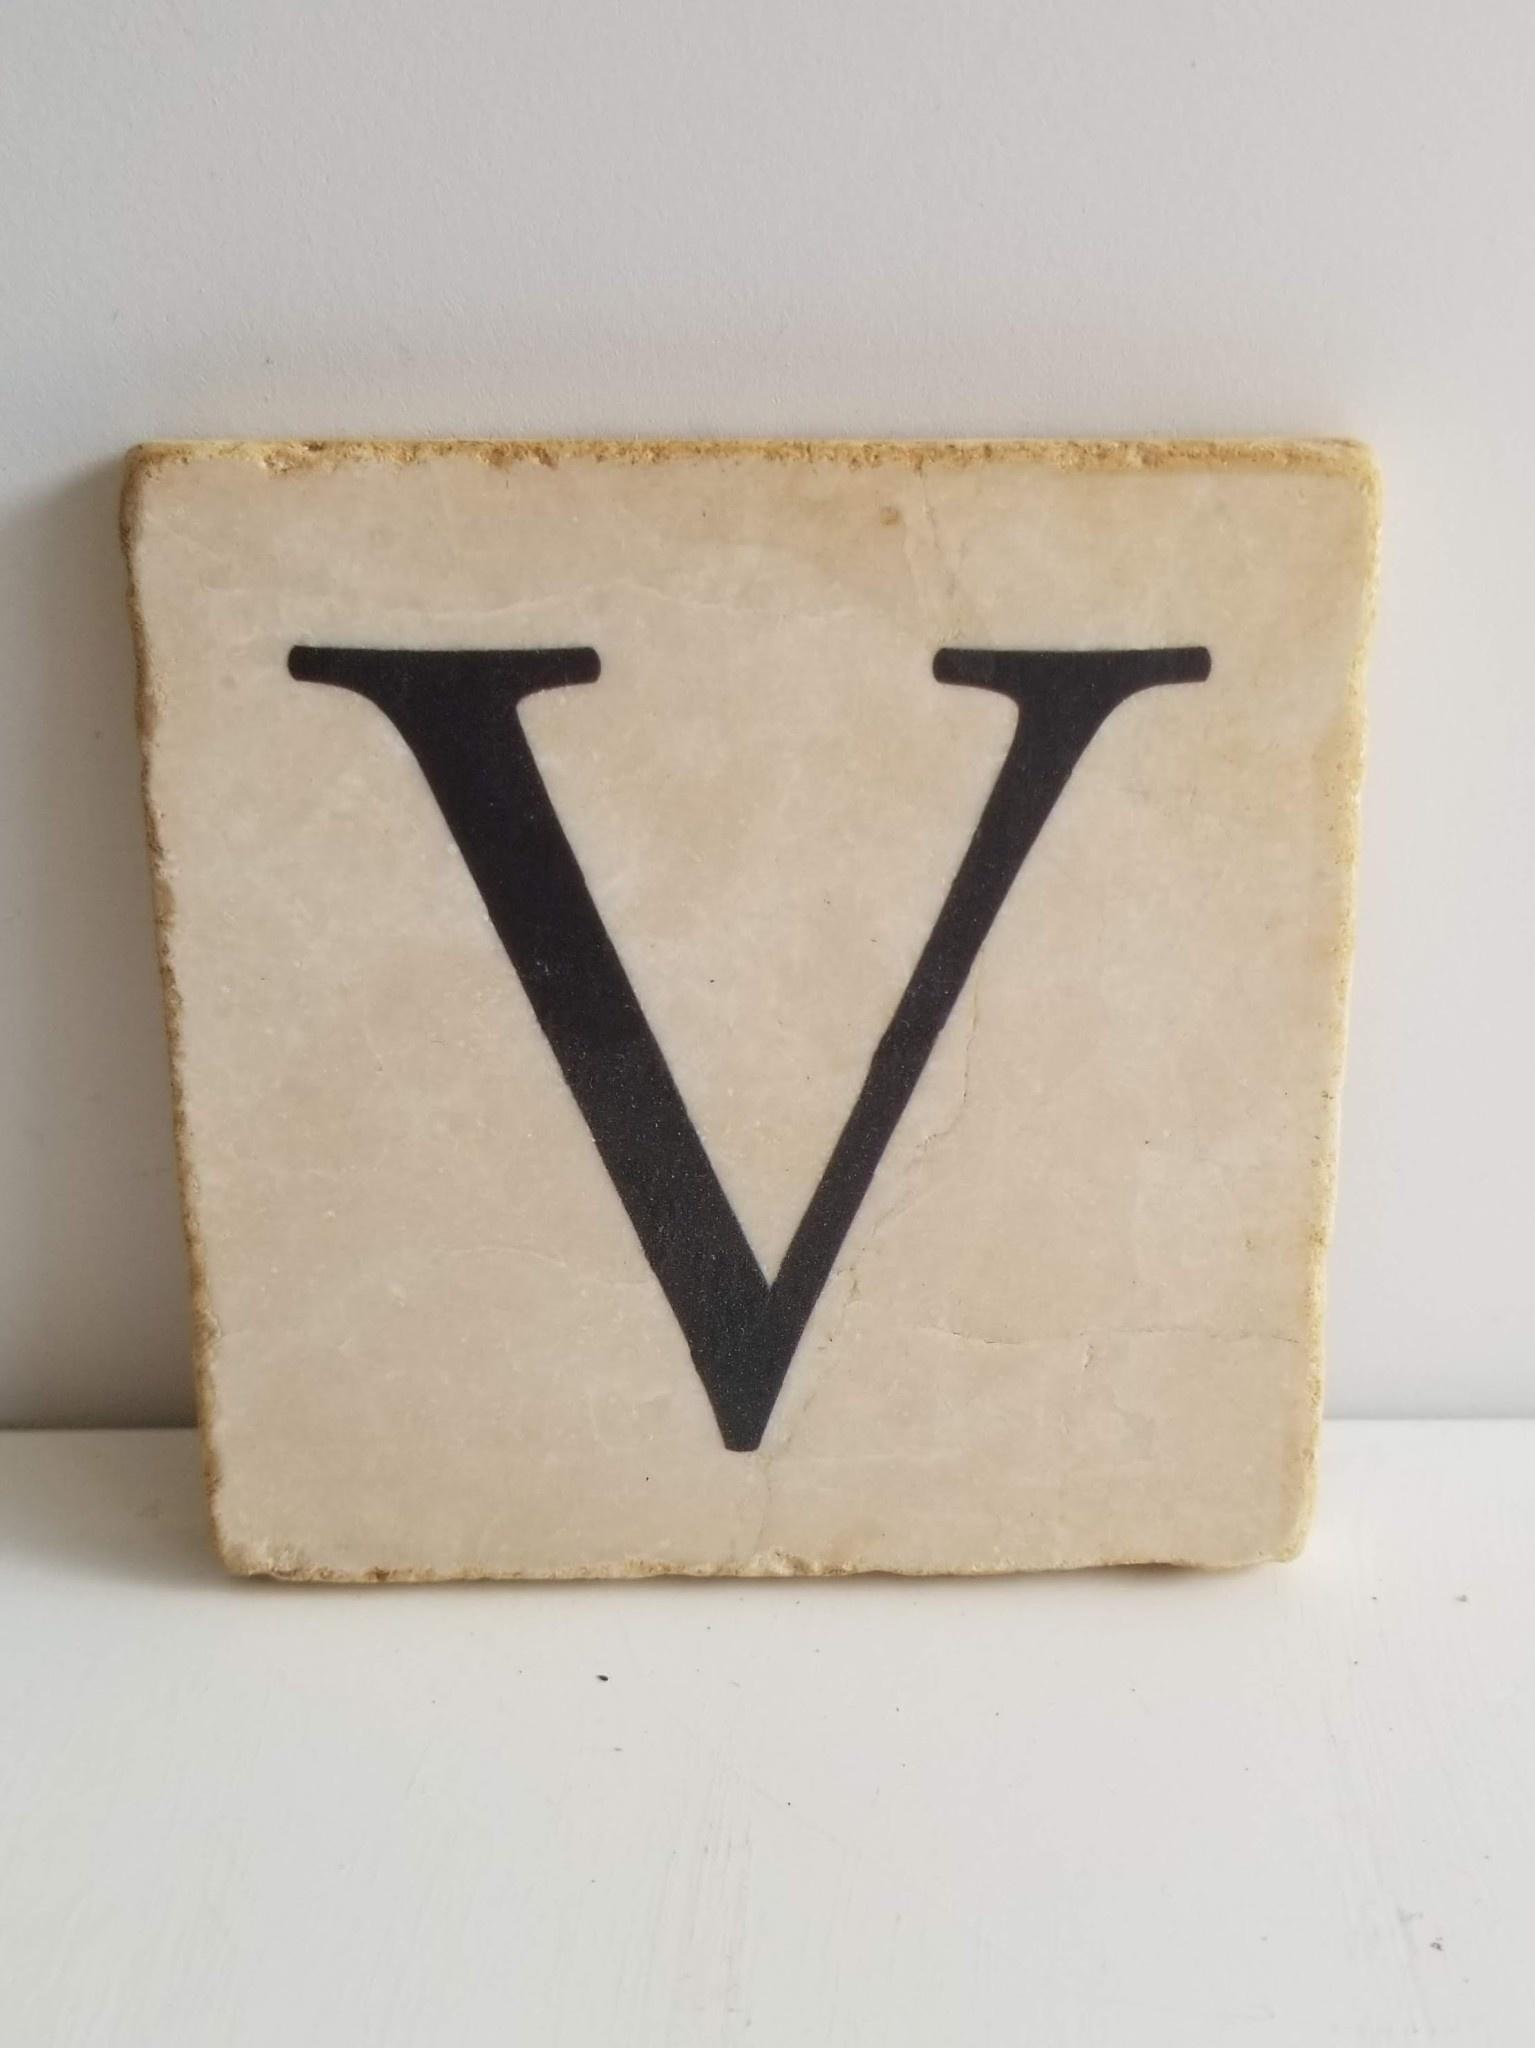 Marble Coaster - V